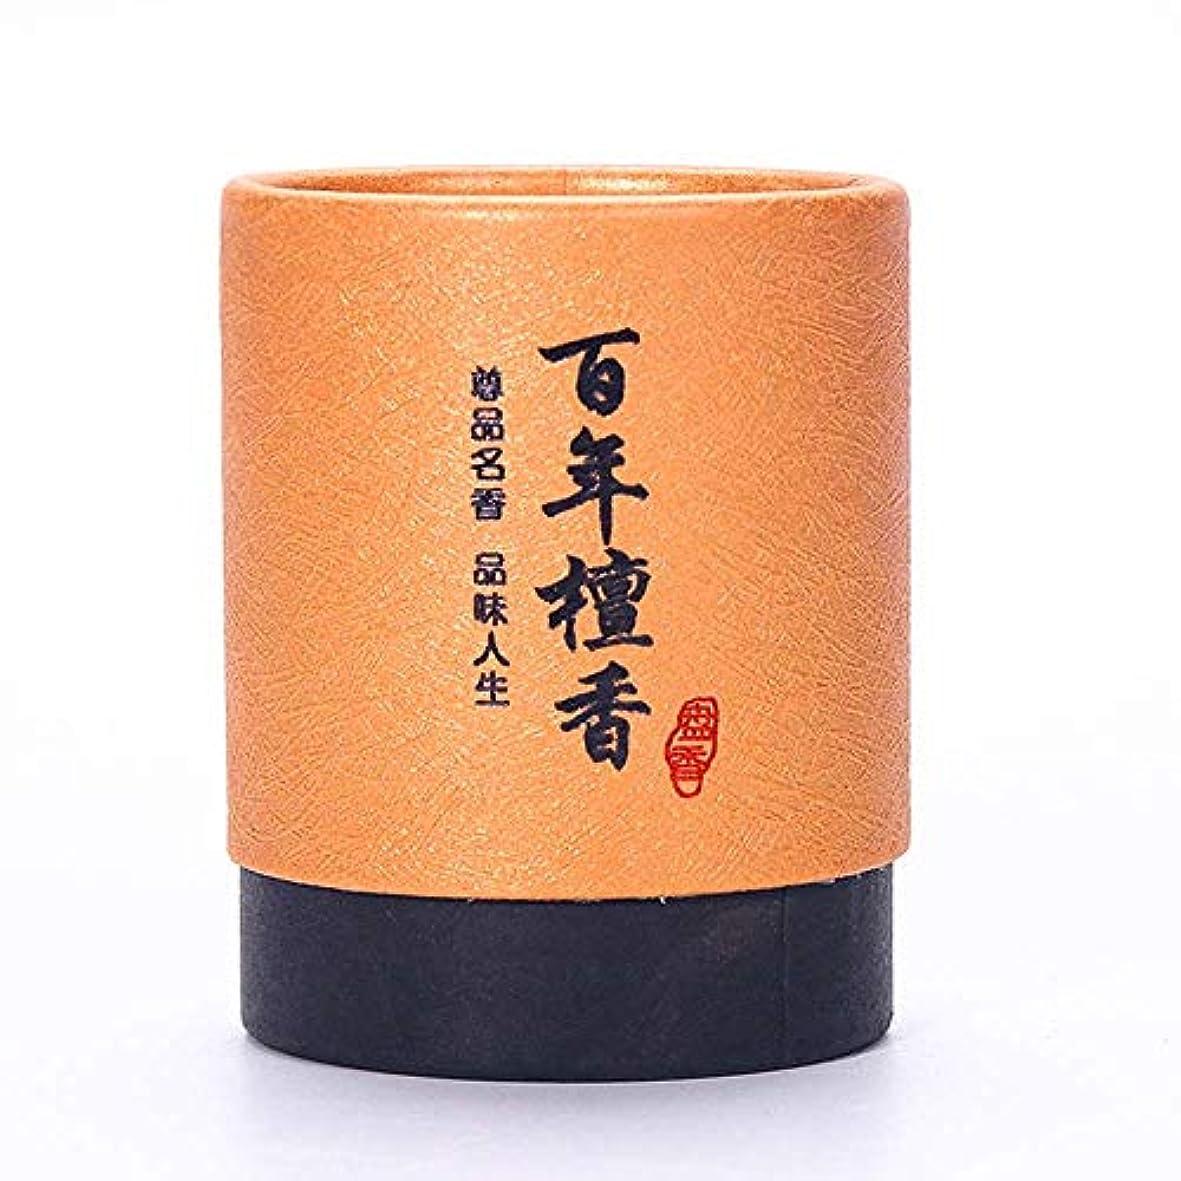 キャベツワーム護衛HwaGui お香 2時間 盤香 渦巻き線香 優しい香り 48巻入 (百年檀香)